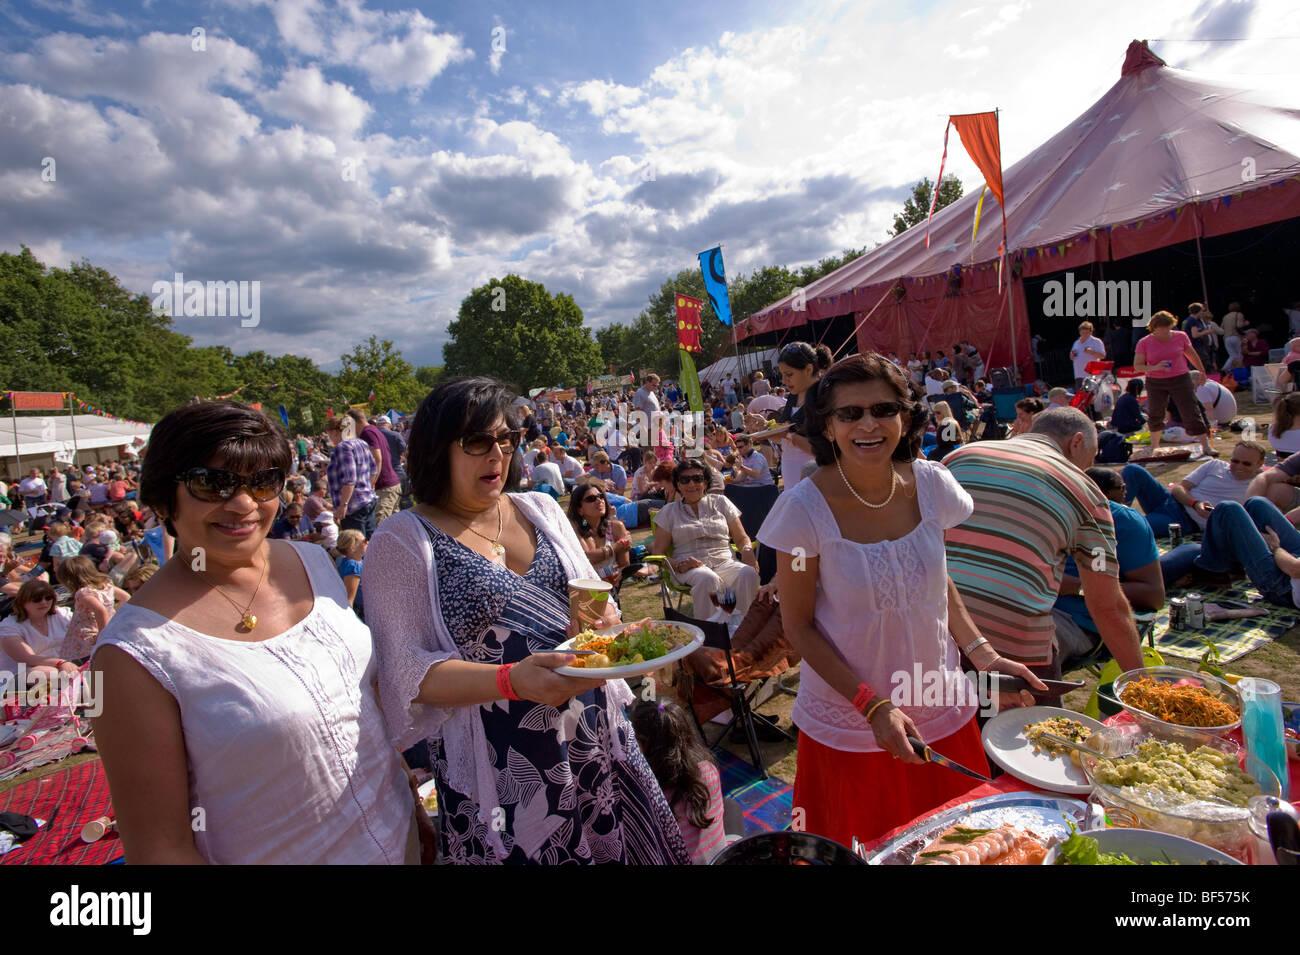 Ealing Jazz Festival 2009, Walpole Park, London, United Kingdom - Stock Image